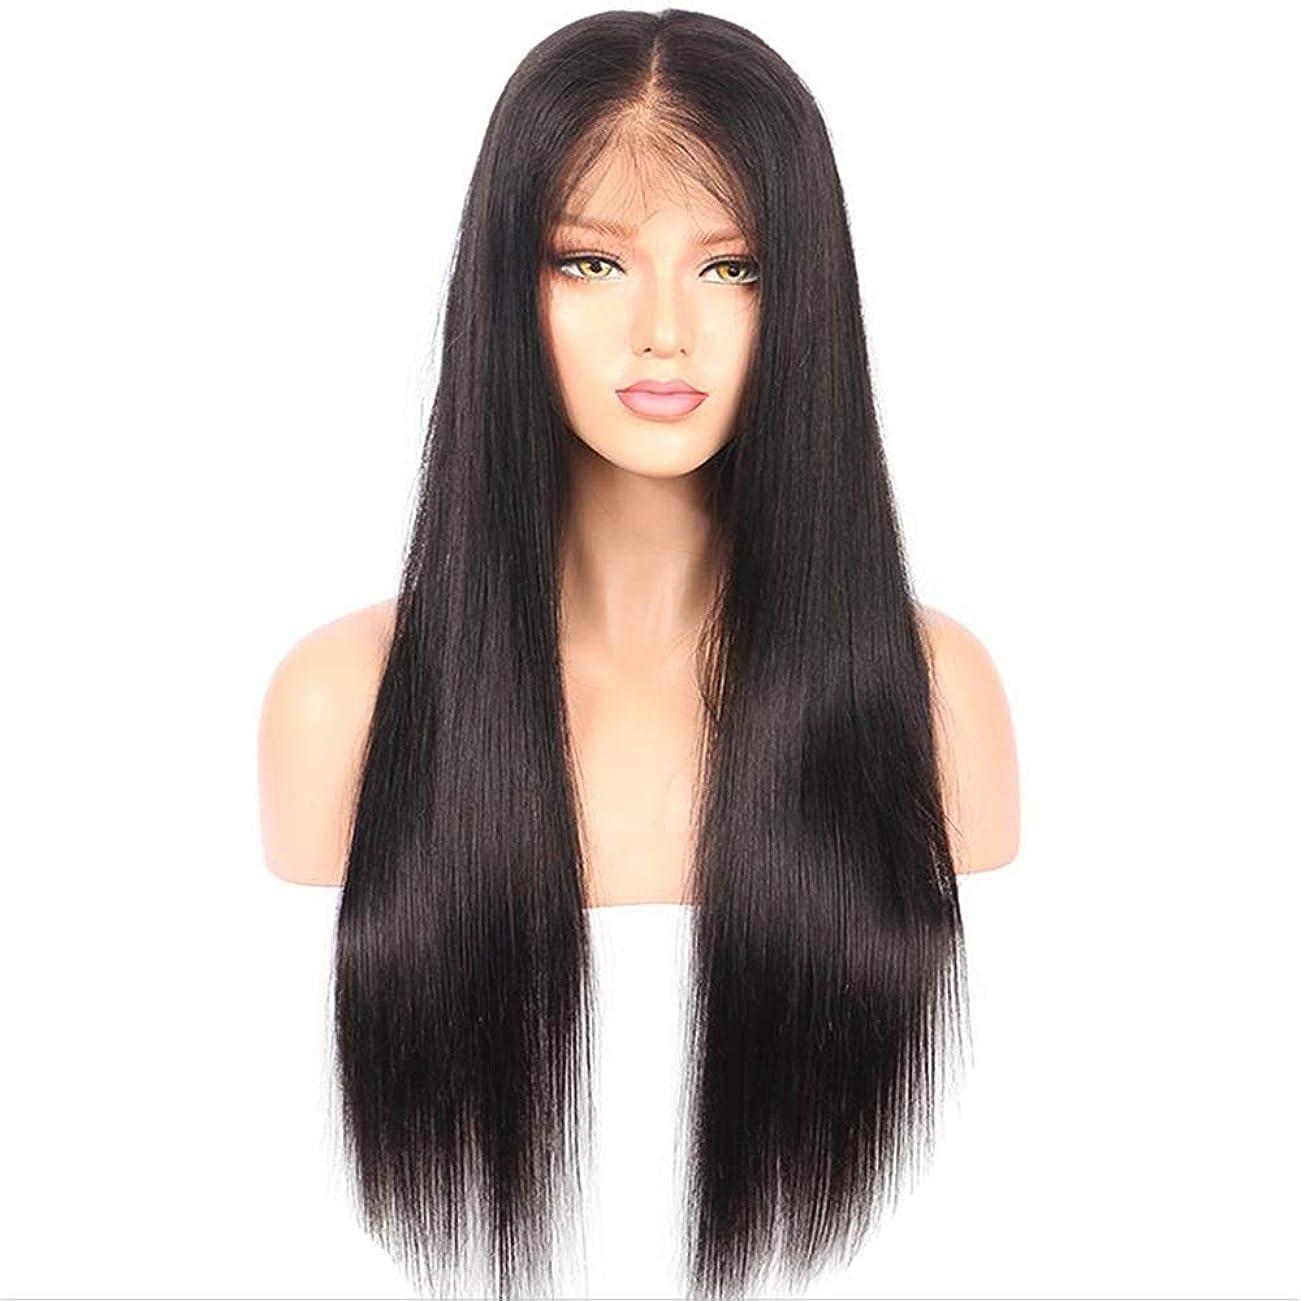 誘発するじゃがいも乗り出す女性レースフロントウィッグ100%未処理のバージンヘアブラジル人のremy人間の髪の毛ストレートヘアレースかつら180%密度黒26インチ